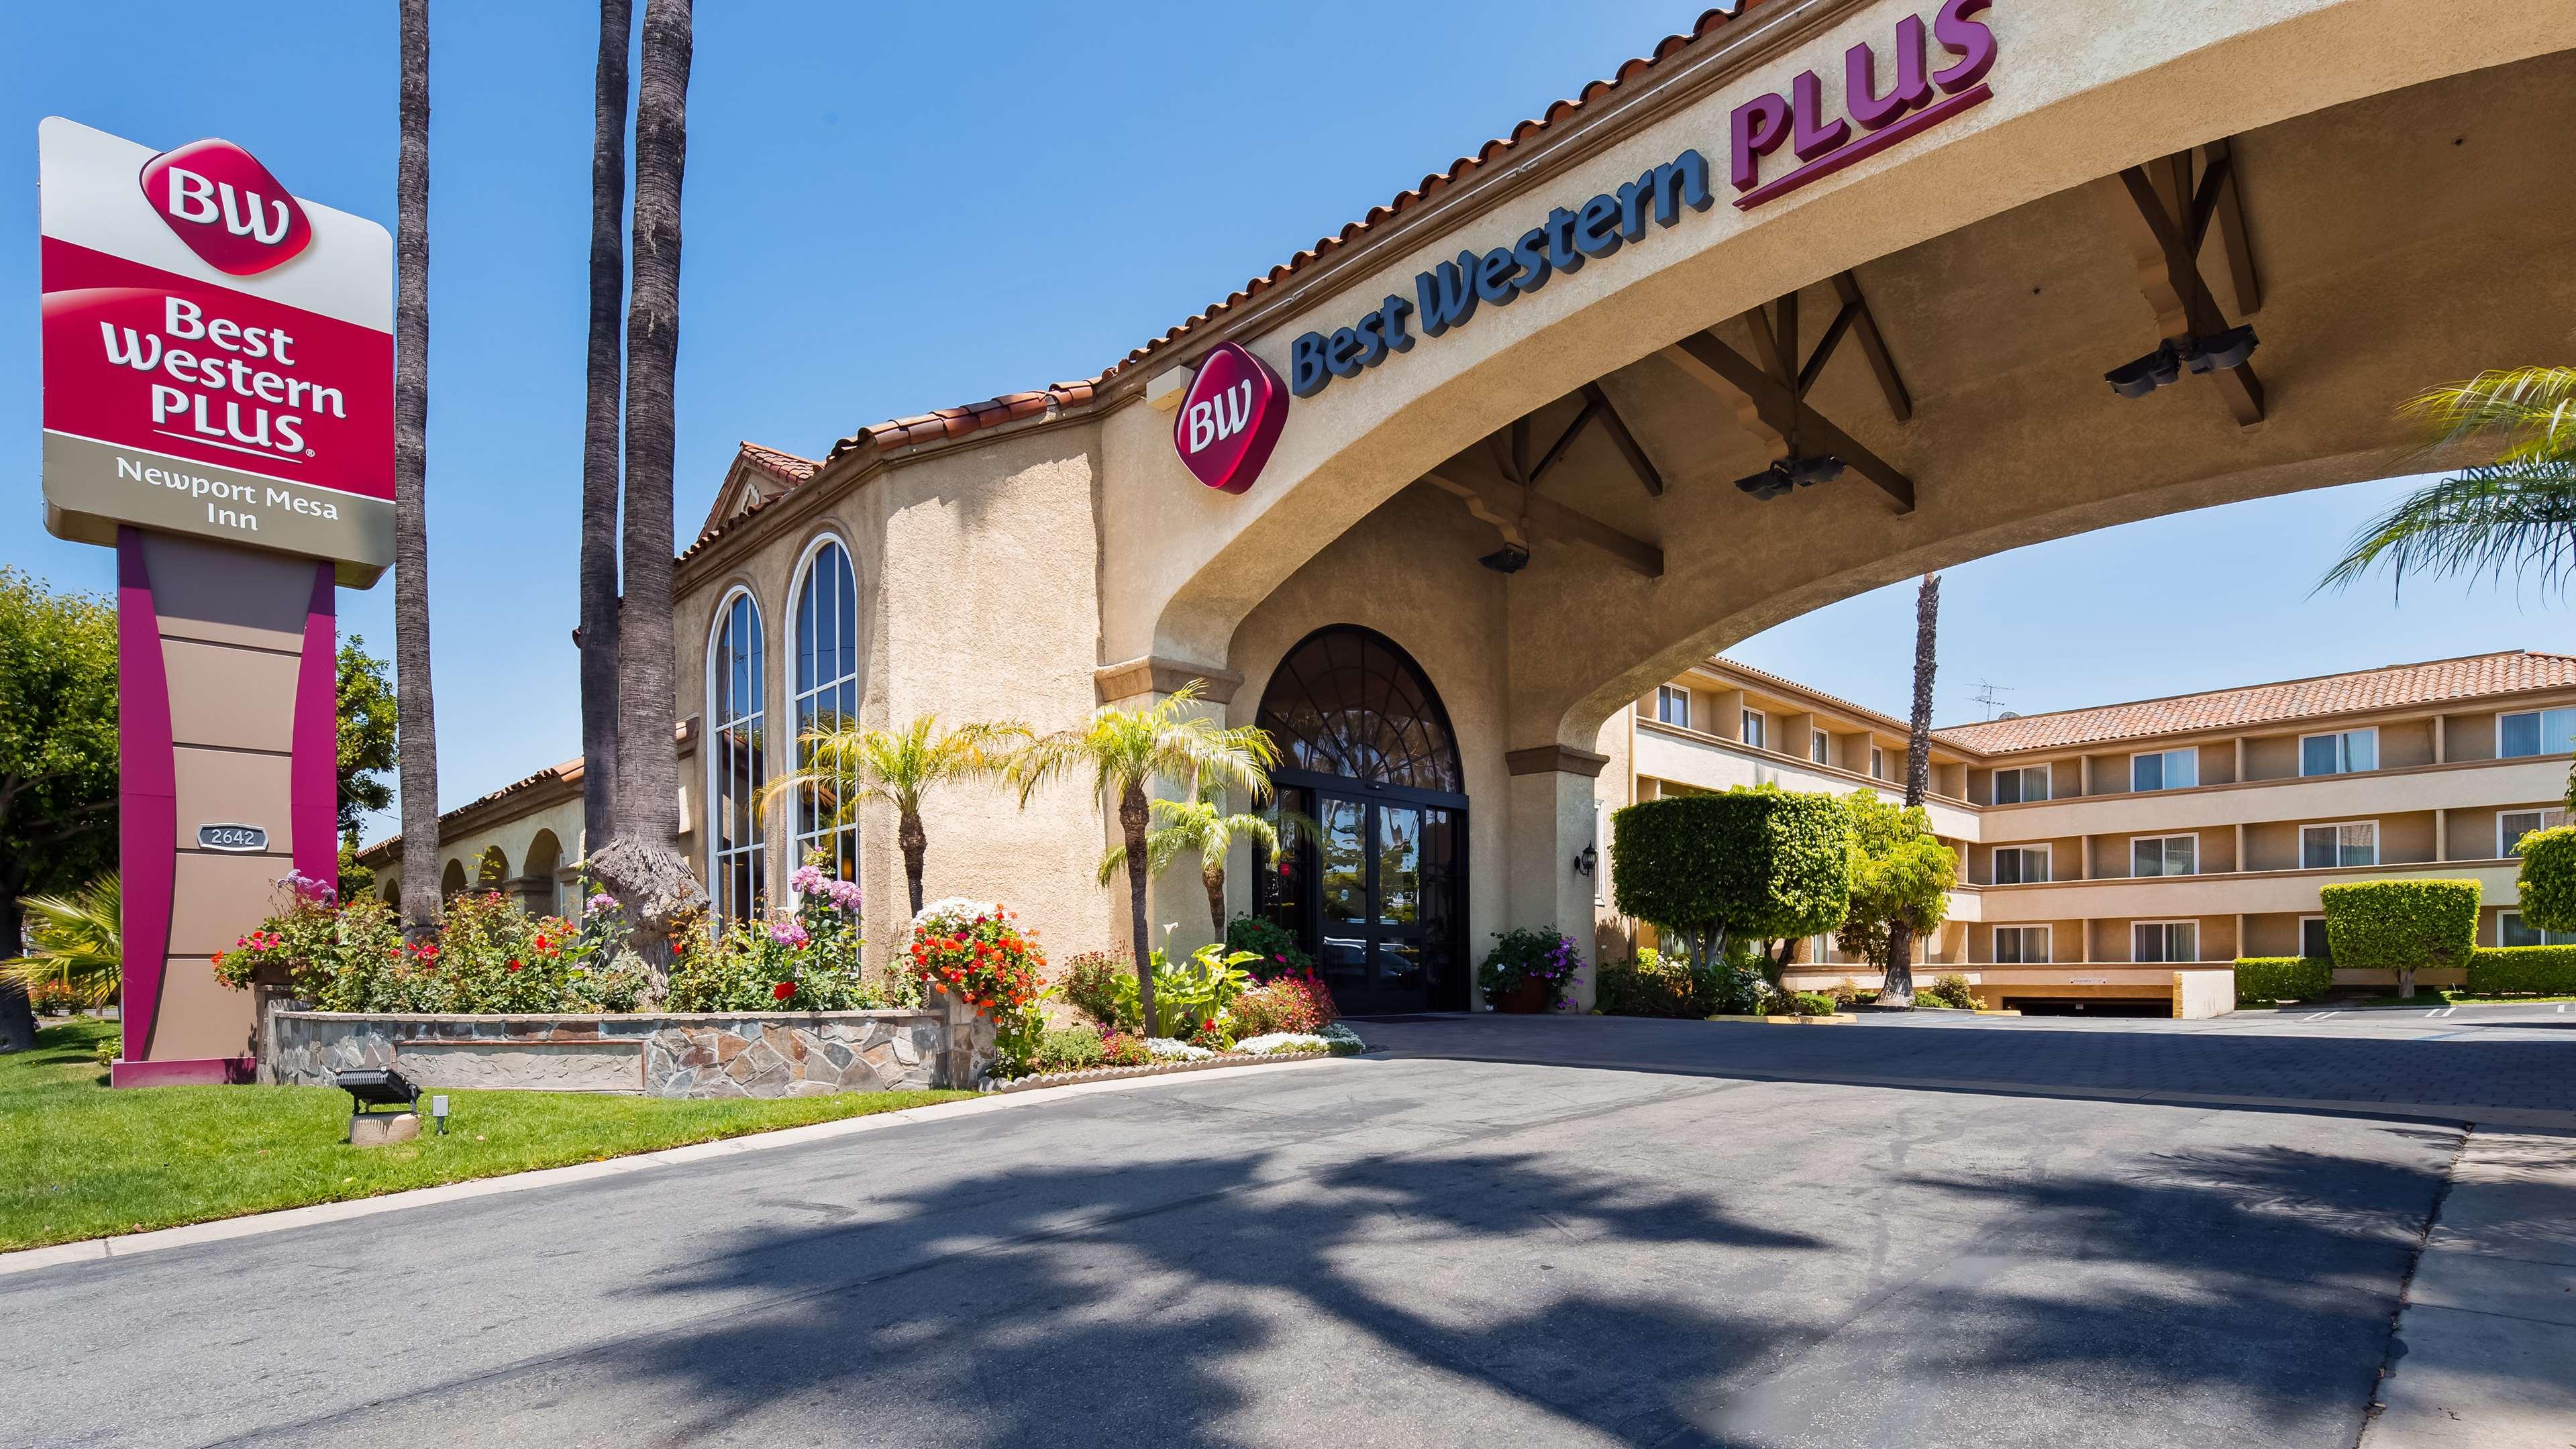 Best Western Plus Newport Mesa Inn image 1